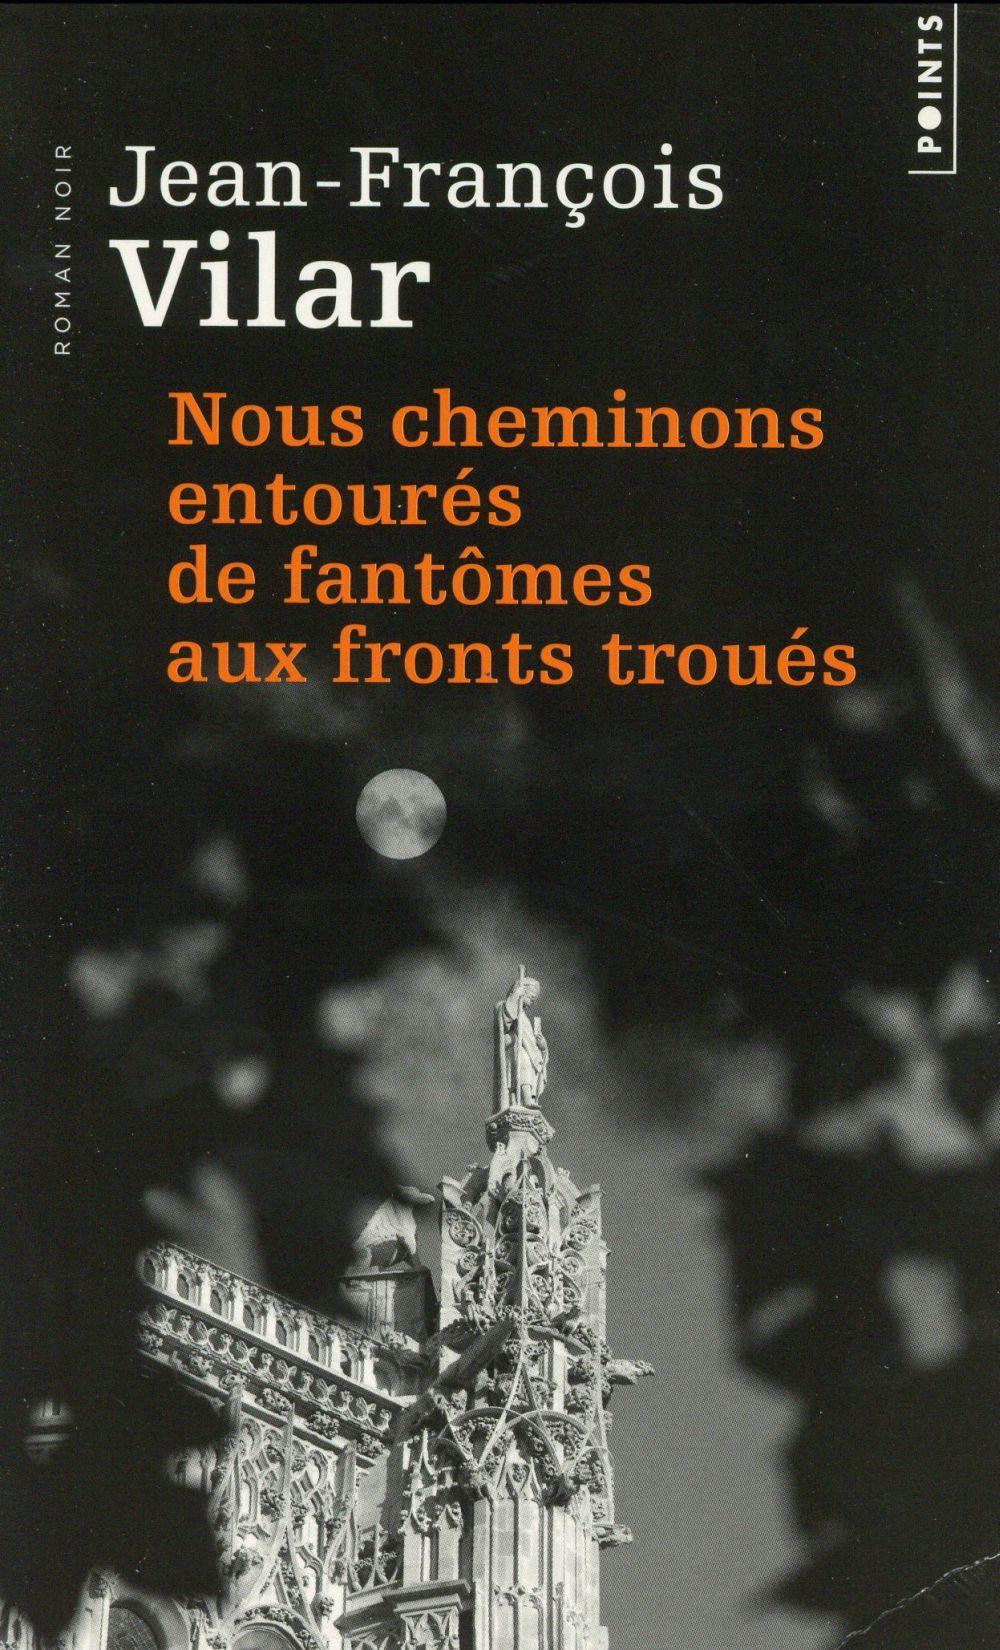 NOUS CHEMINONS ENTOURES DE FANTOMES AUX FRONTS TROUES